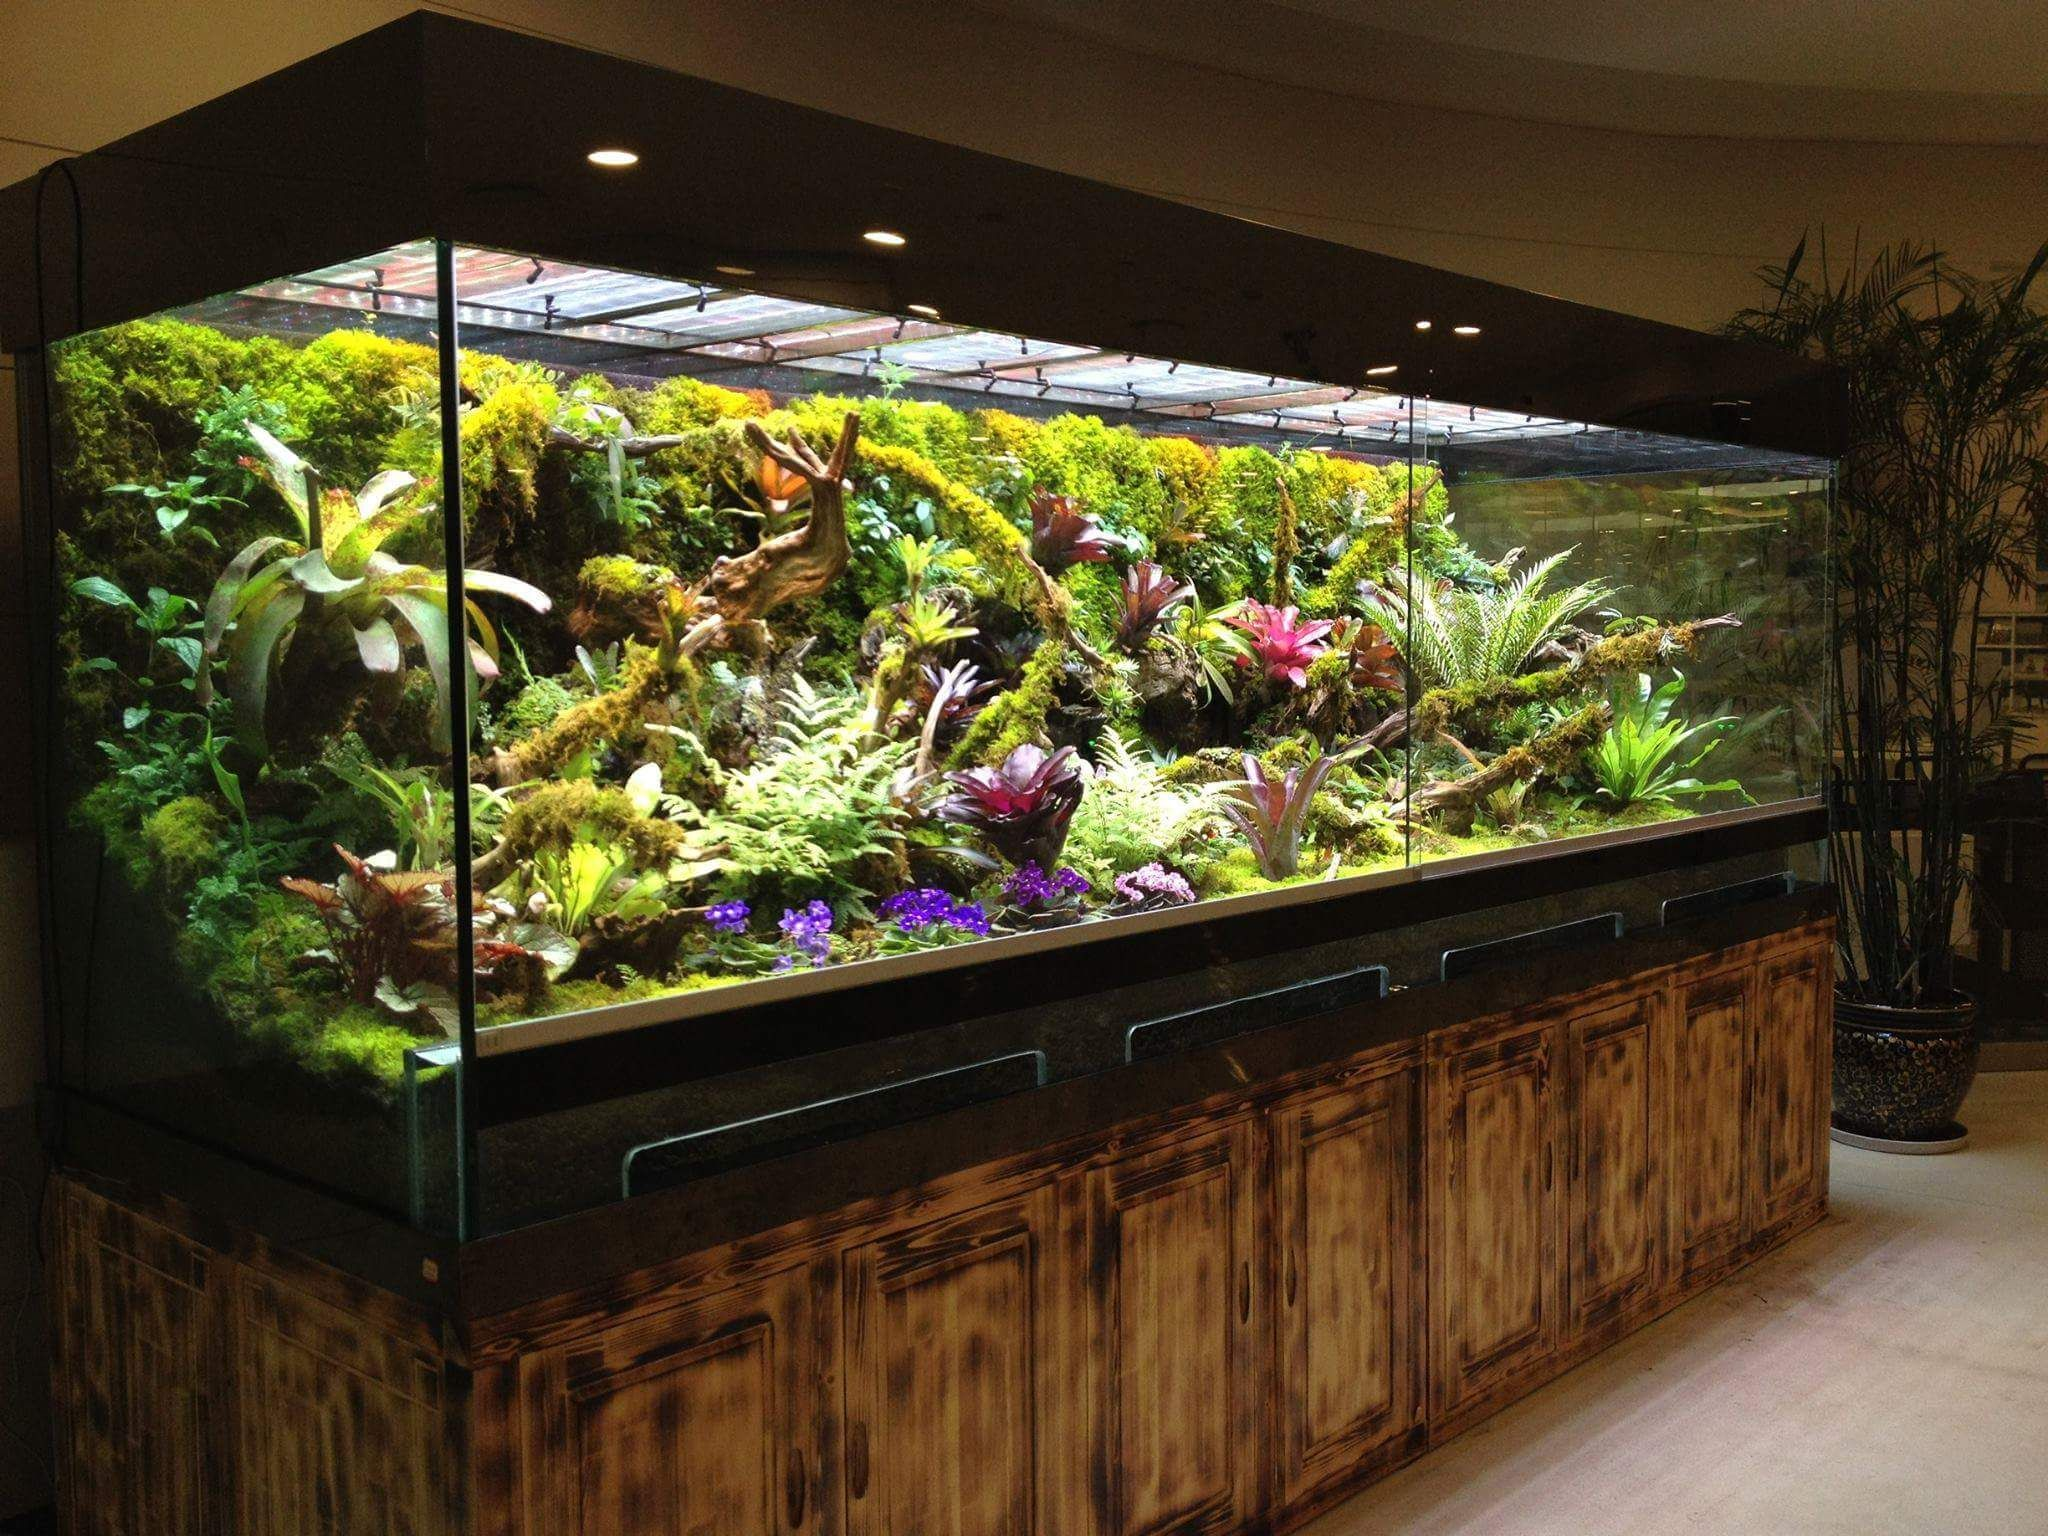 Террариум для наземных лягушек и жаб, размеры террариума 15